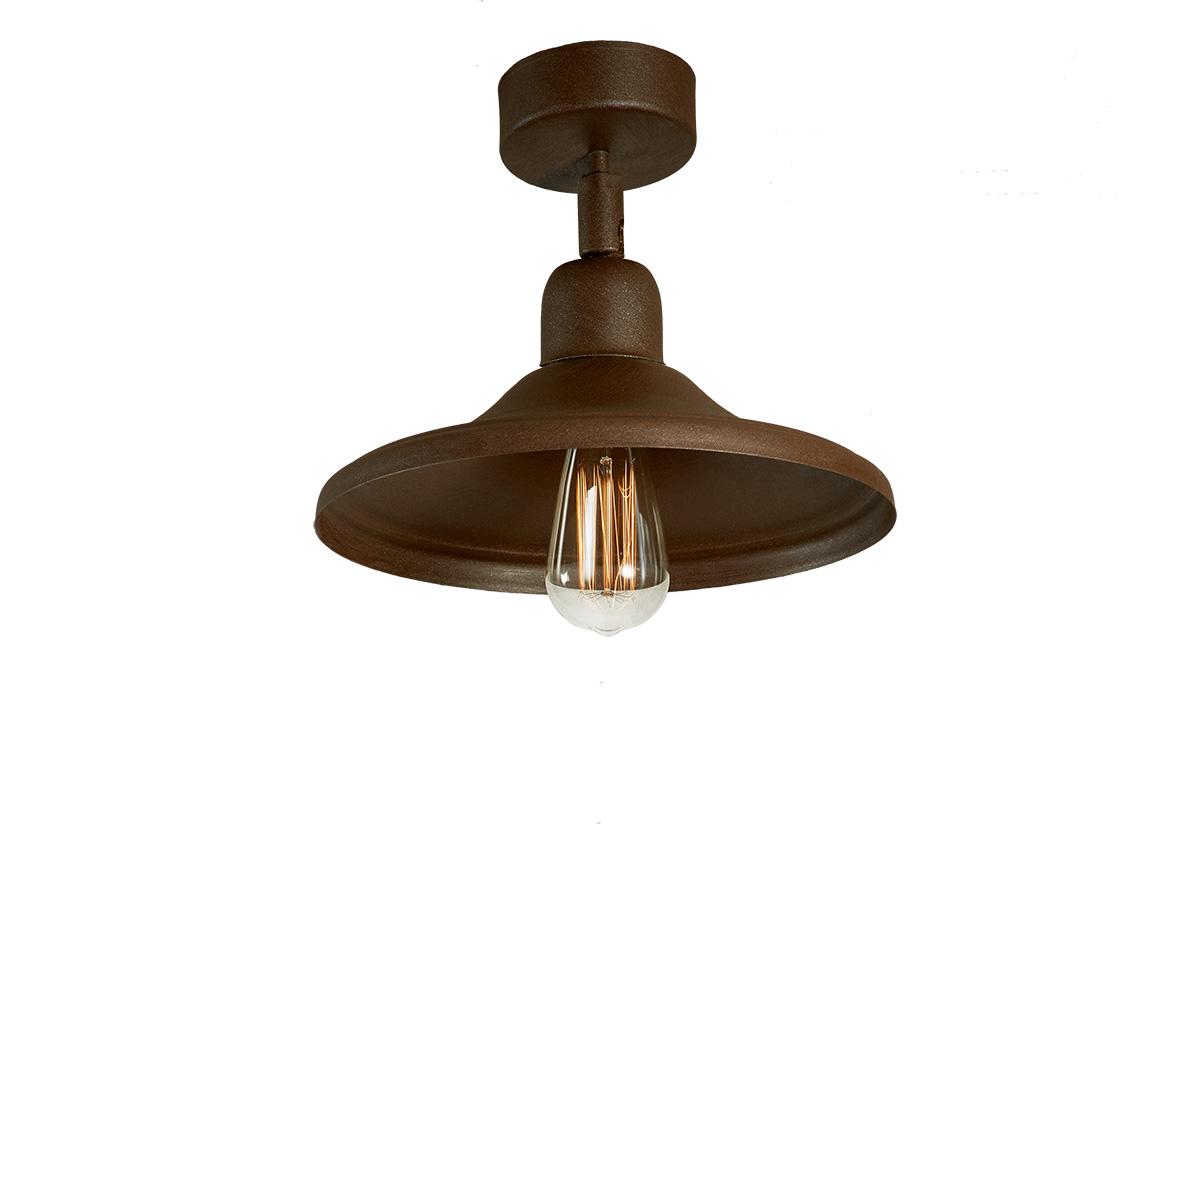 Φωτιστικό οροφής σπαστό σε καφέ πατίνα ΙΟΣ brown patinated ceiling lamp